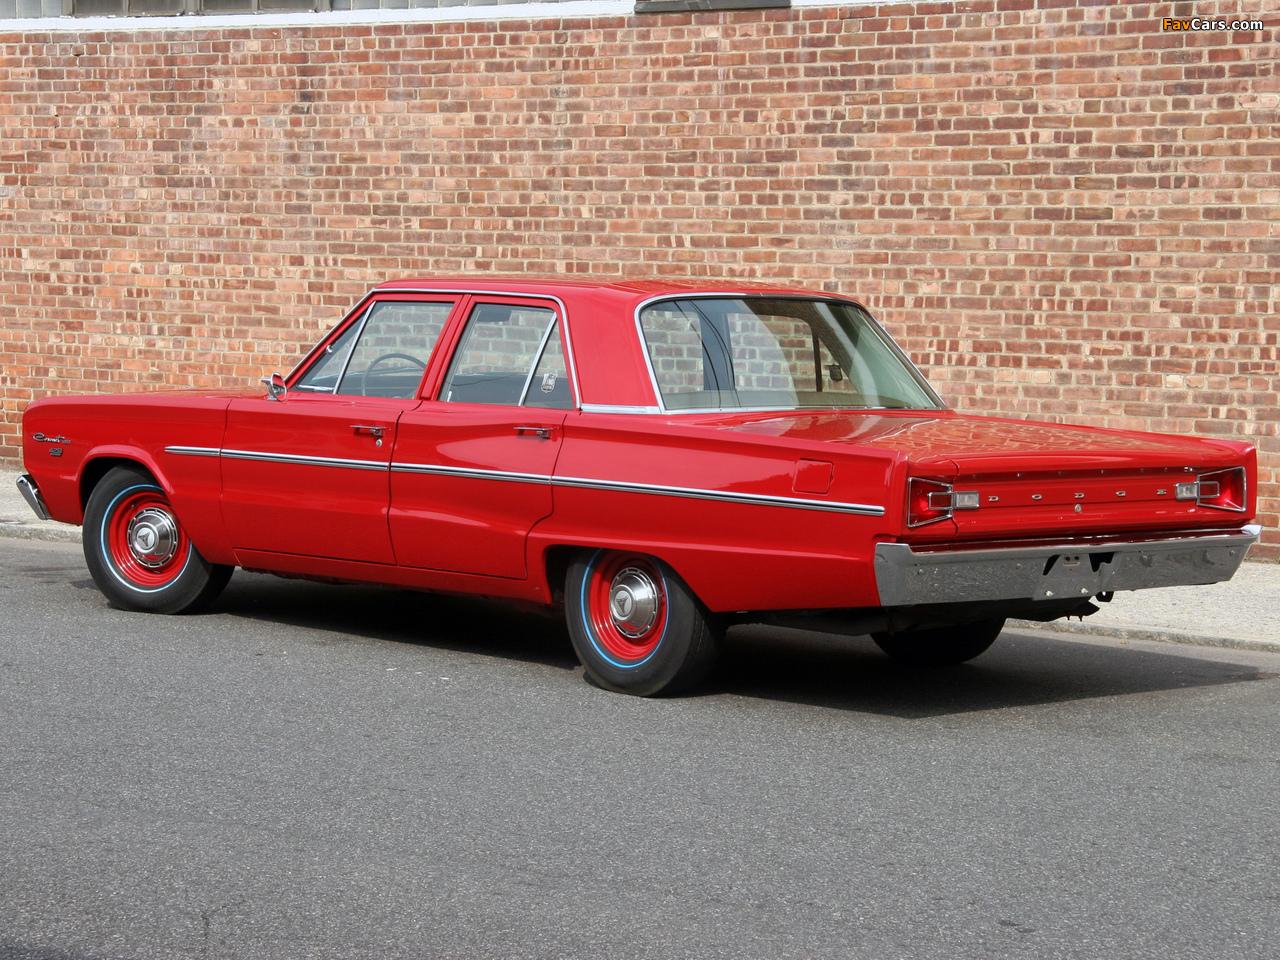 Dodge Coronet Deluxe 426 Hemi 4-door Sedan 1966 images (1280 x 960)